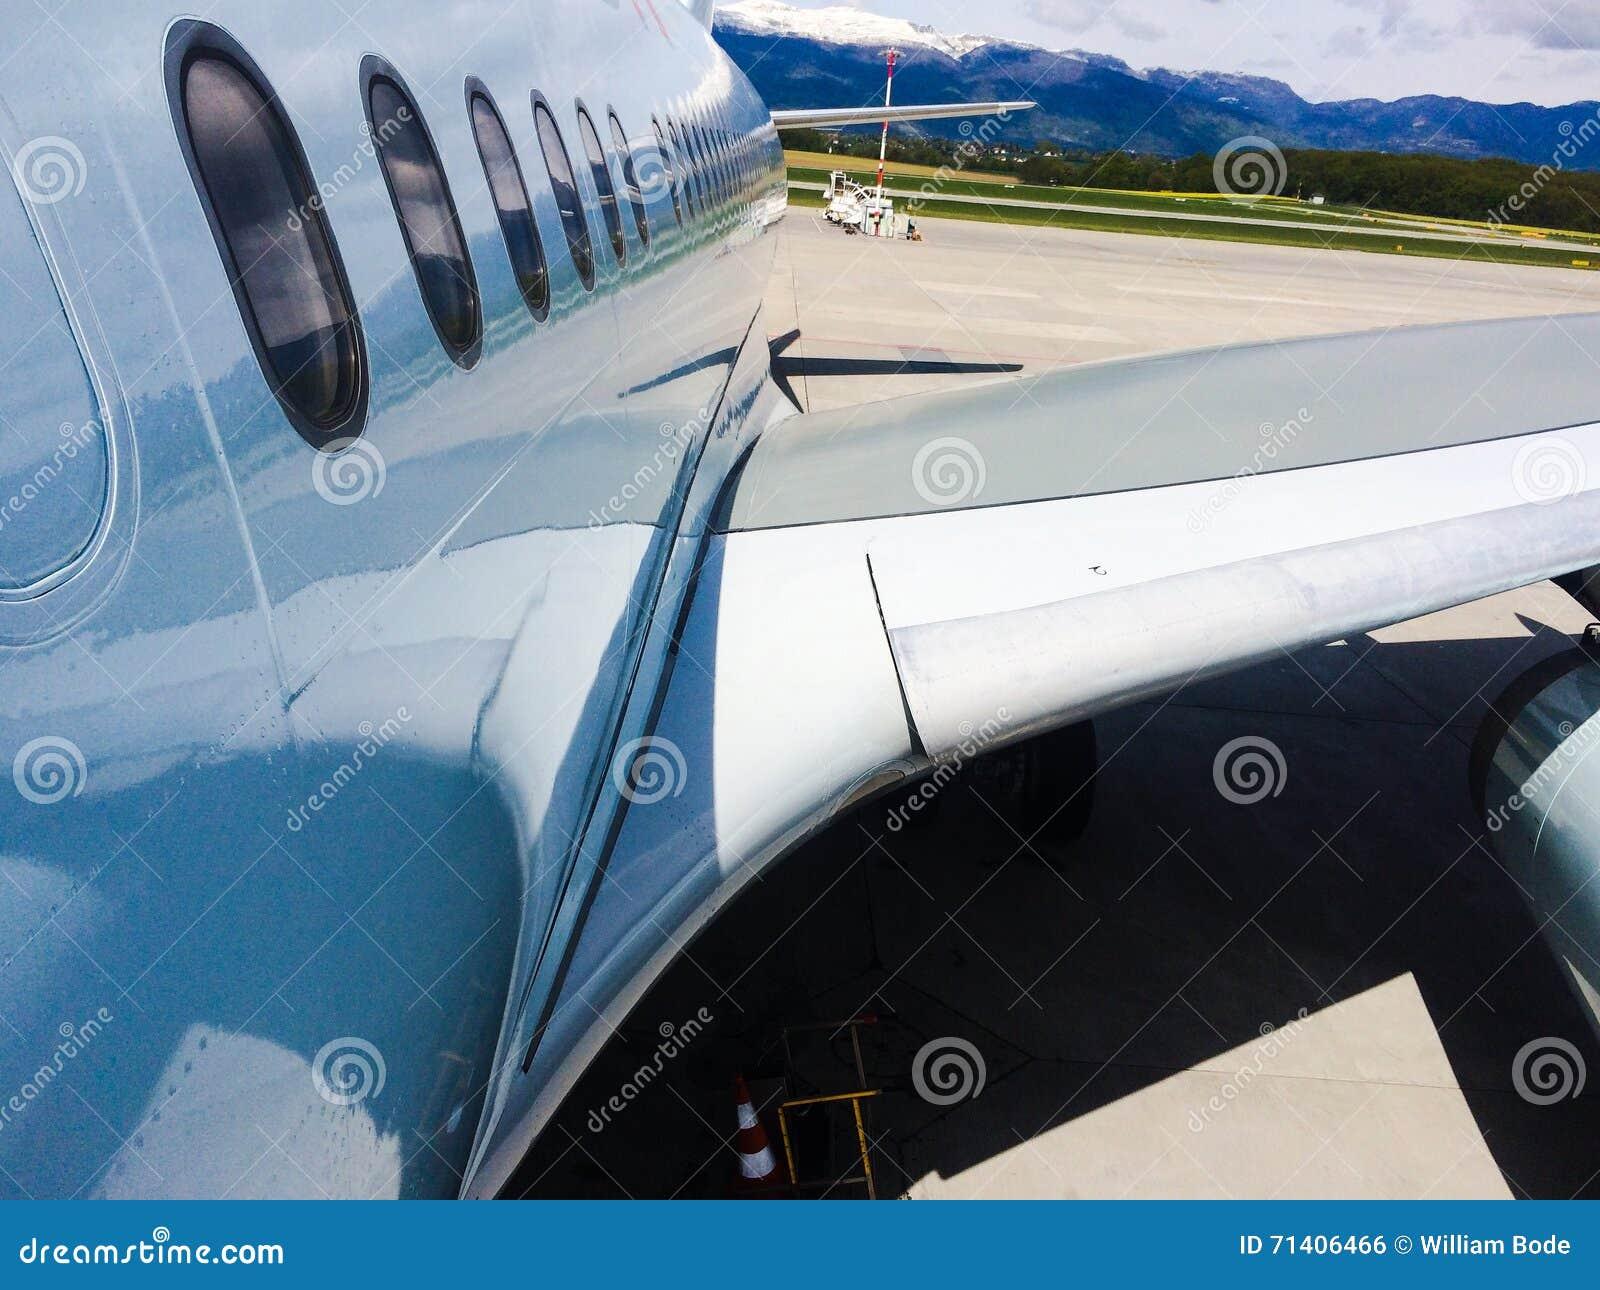 Image Result For Download Jet Planea